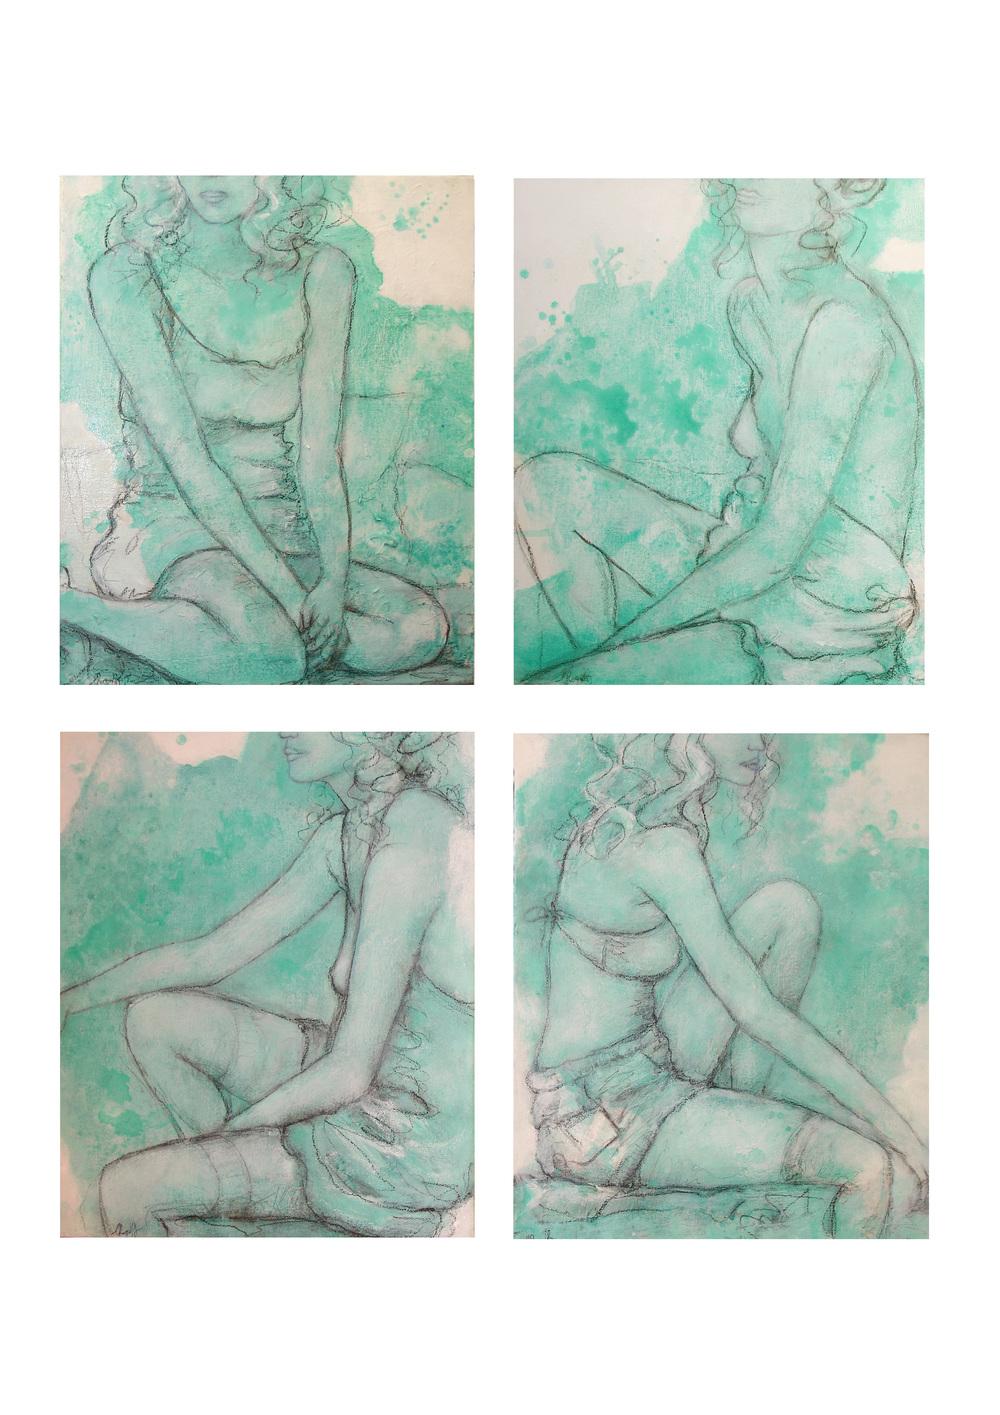 Damsels in Undress, 28 x 34cm